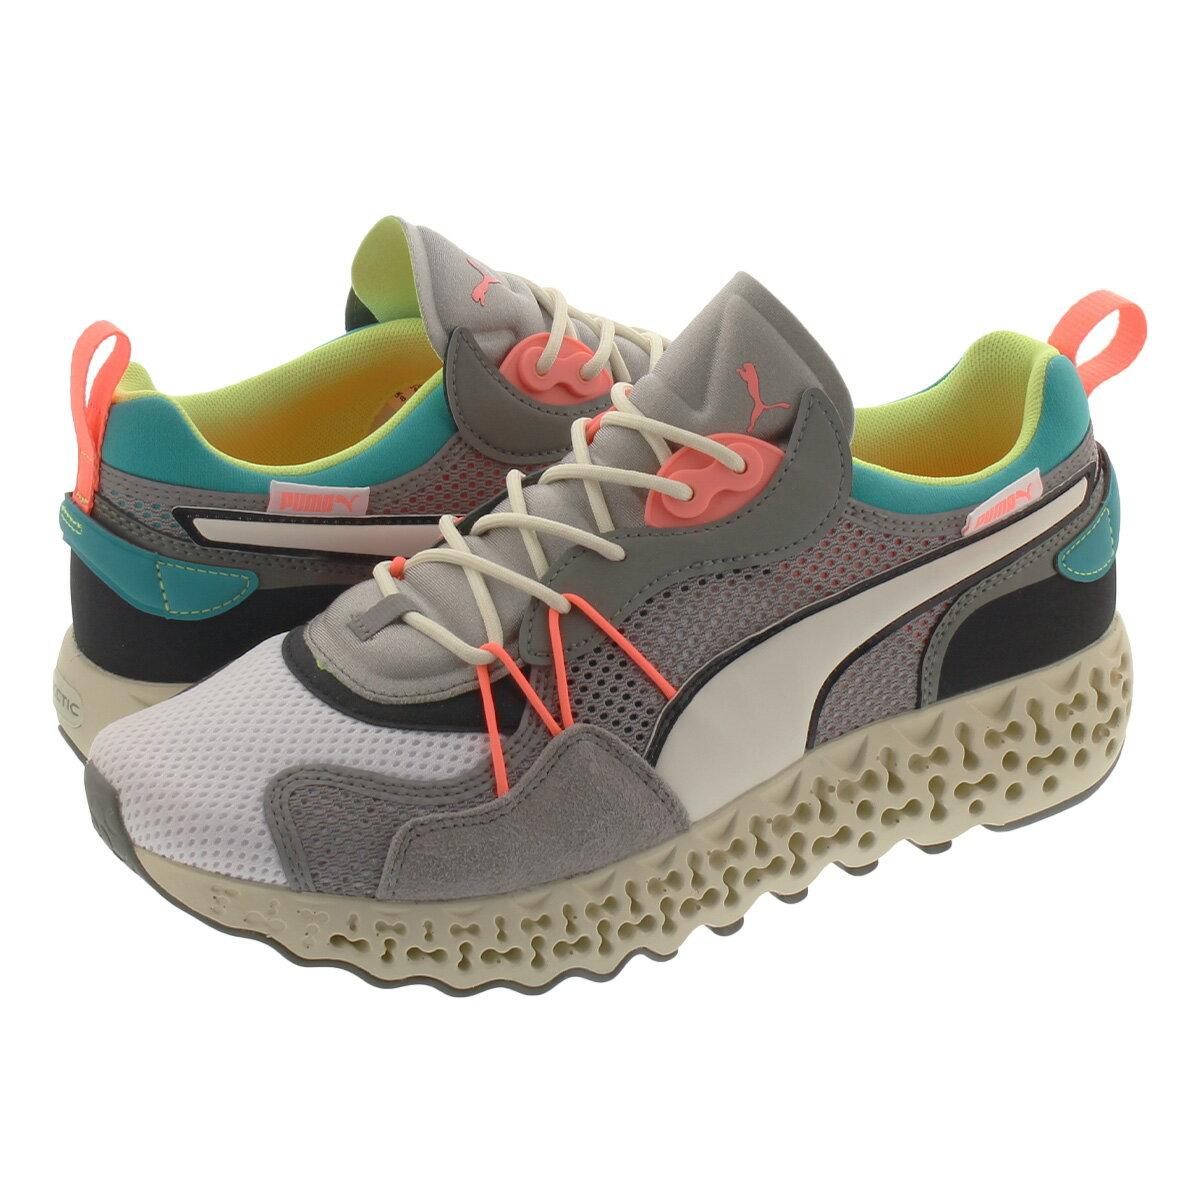 メンズ靴, スニーカー  PUMA CALIBRATE RESTORE WHITEVIRIDIAN GREEN 373529-01